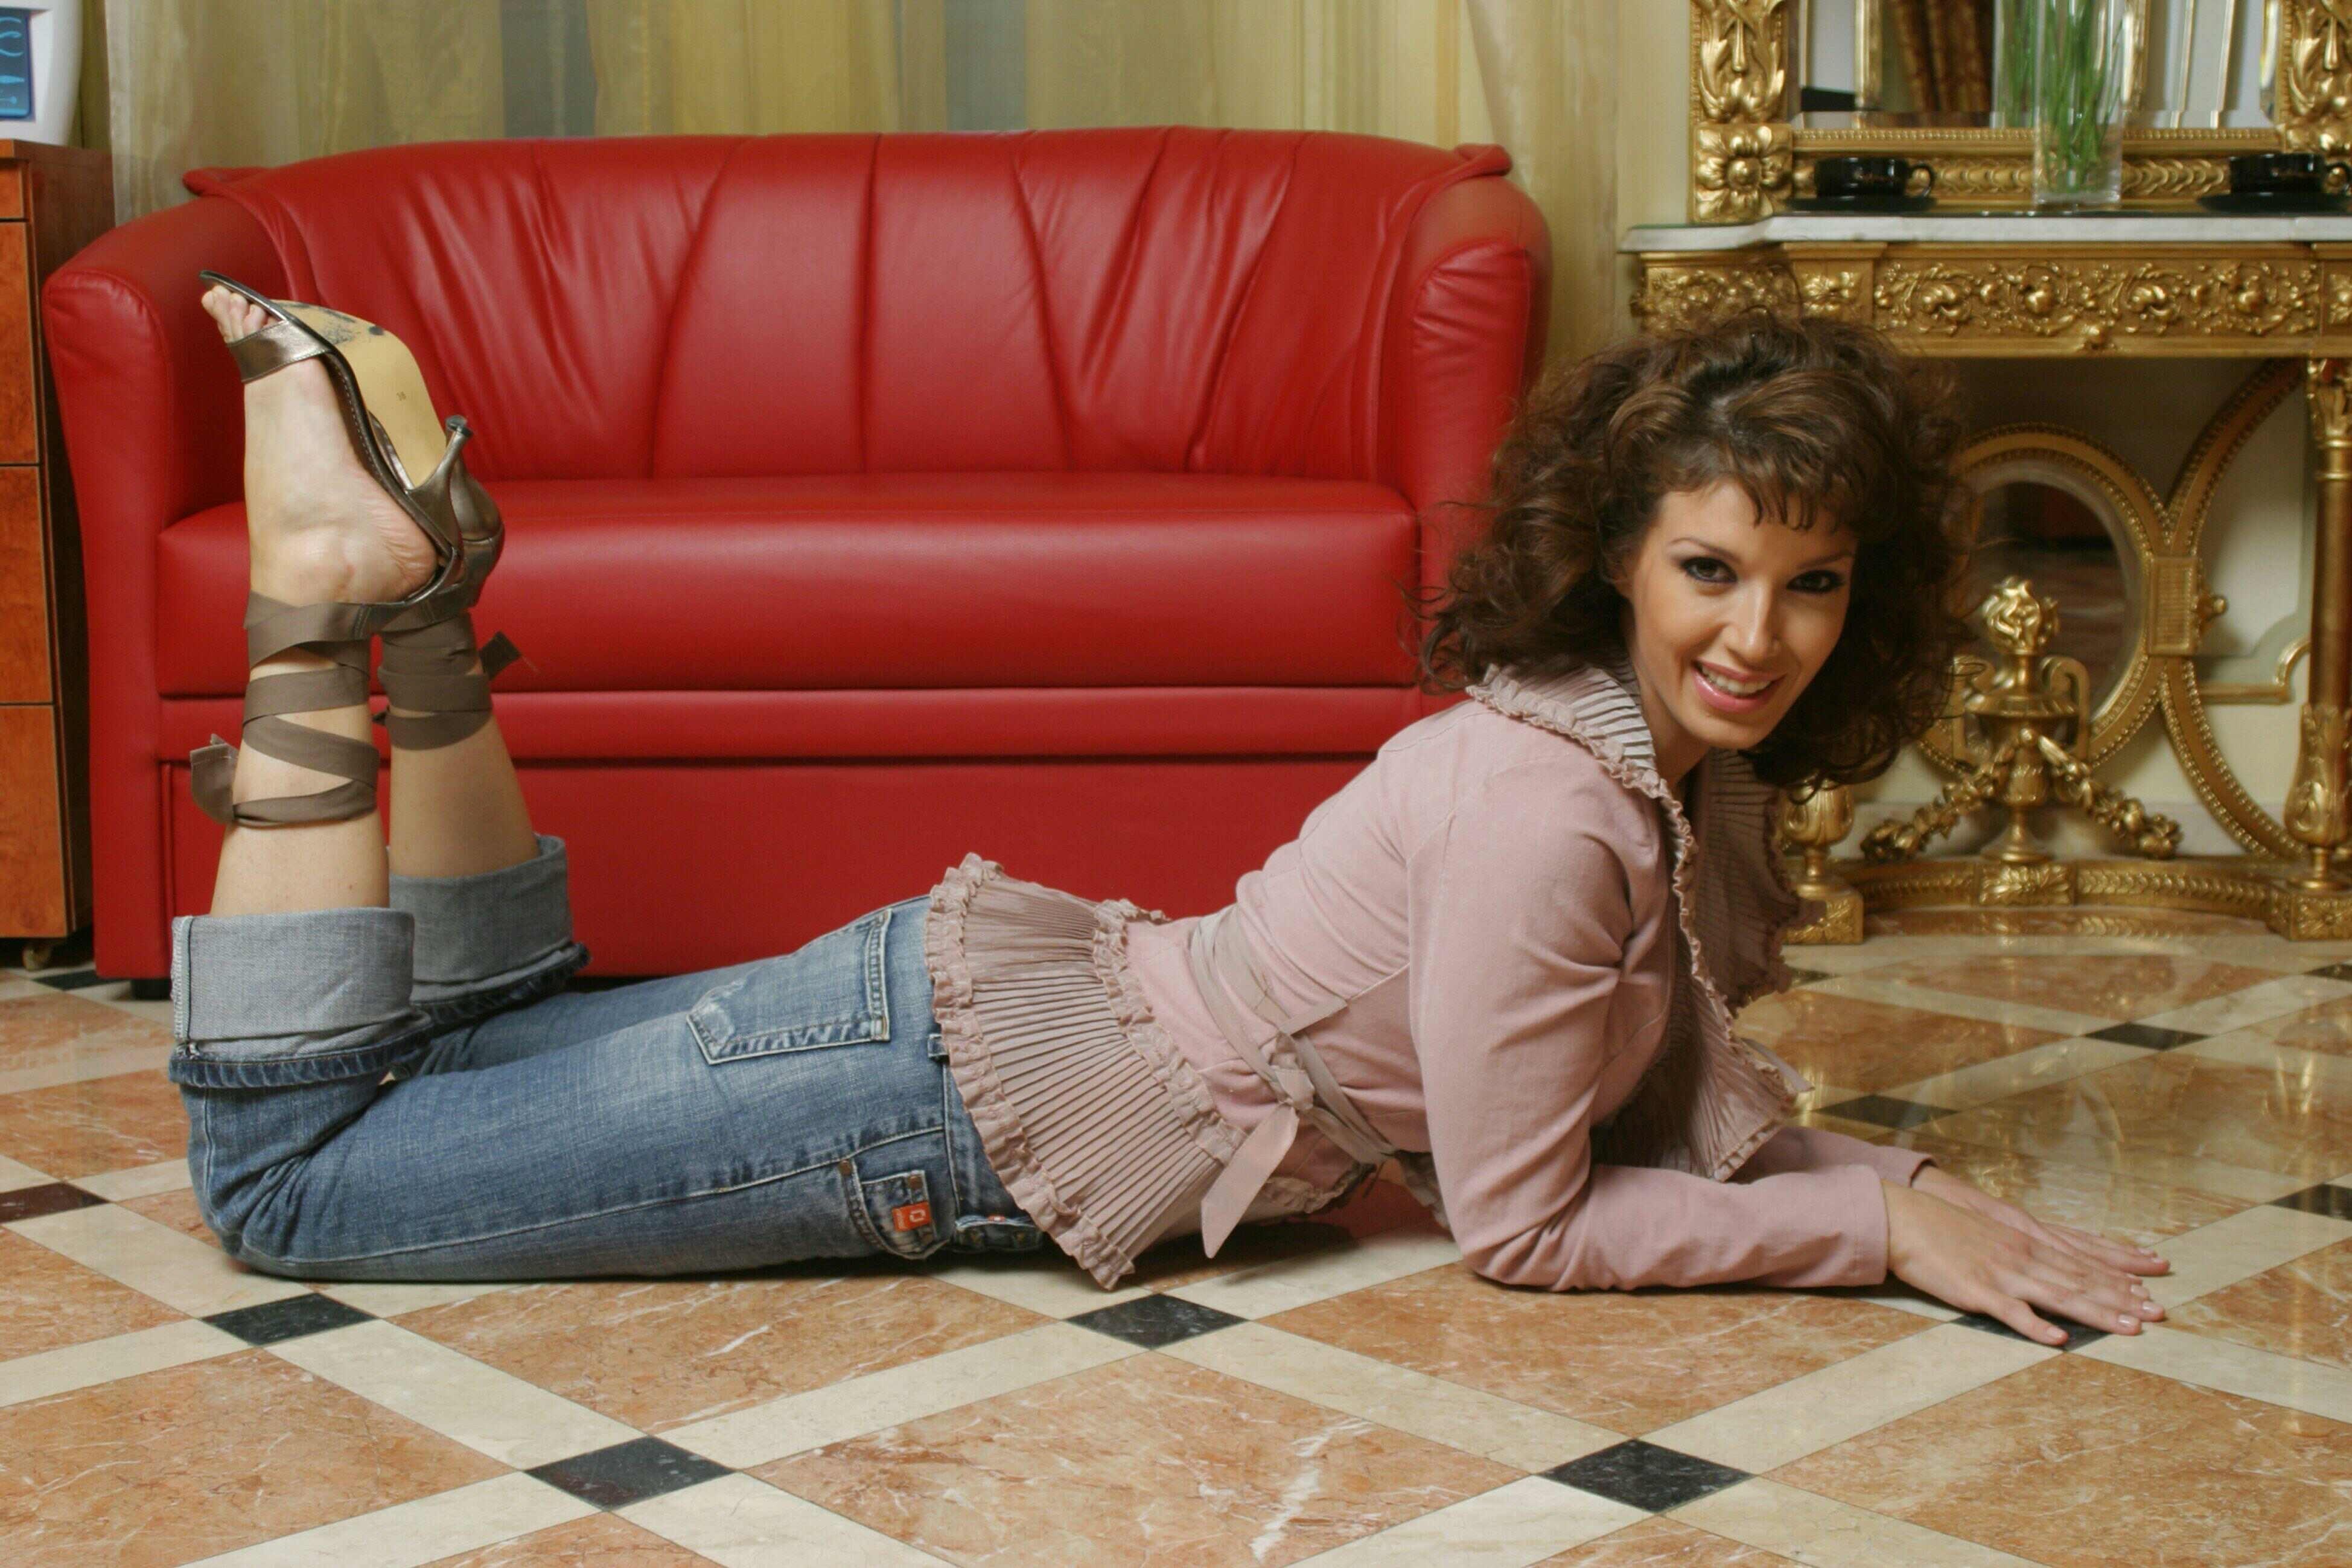 Alina chivulescu